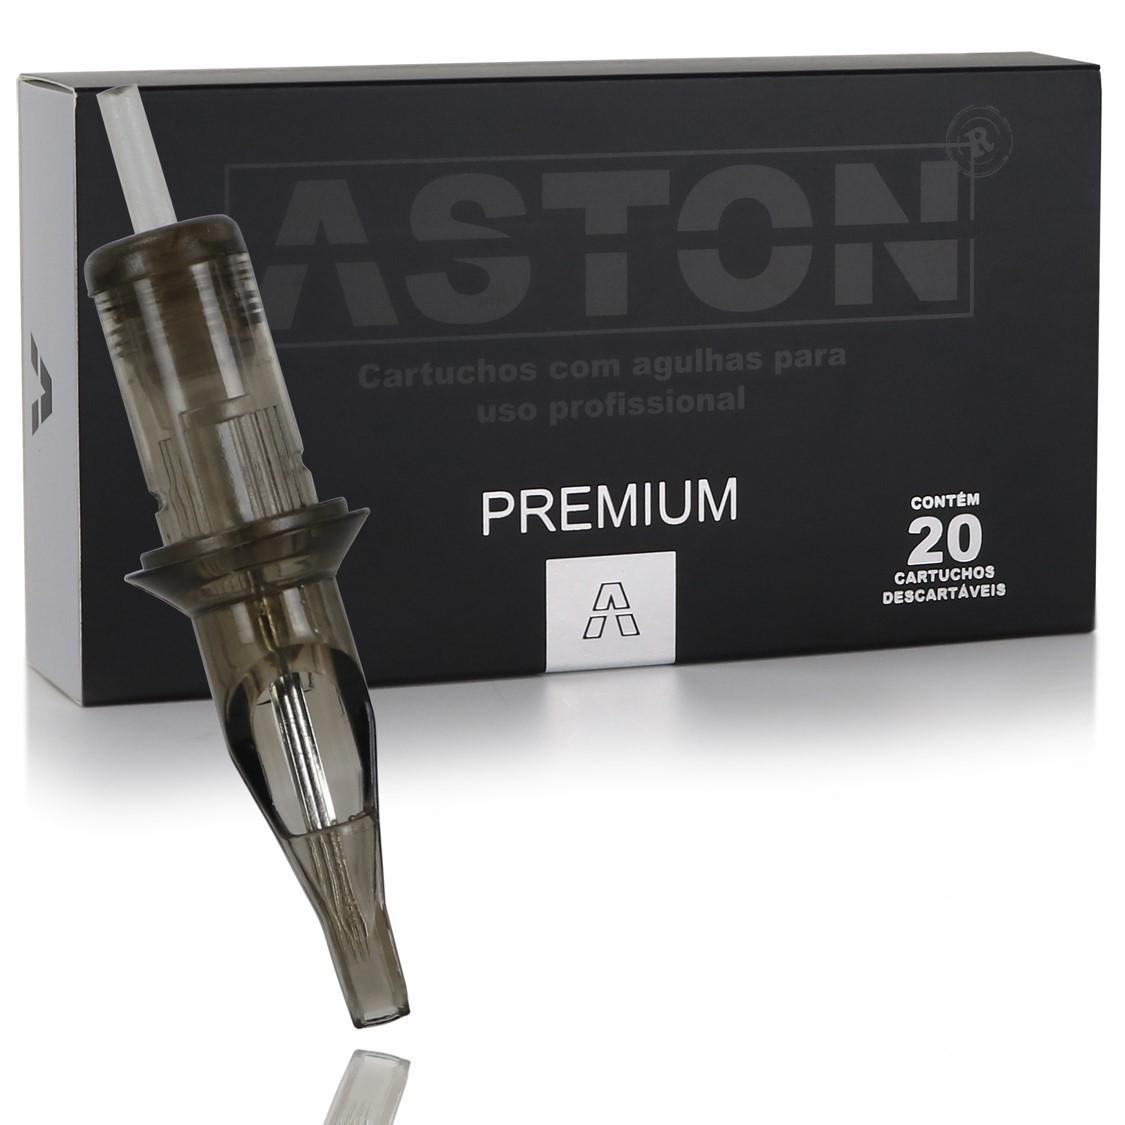 CAIXA CARTUCHO ASTON PREMIUM BUCHA RS (20 UN) - 1205RS